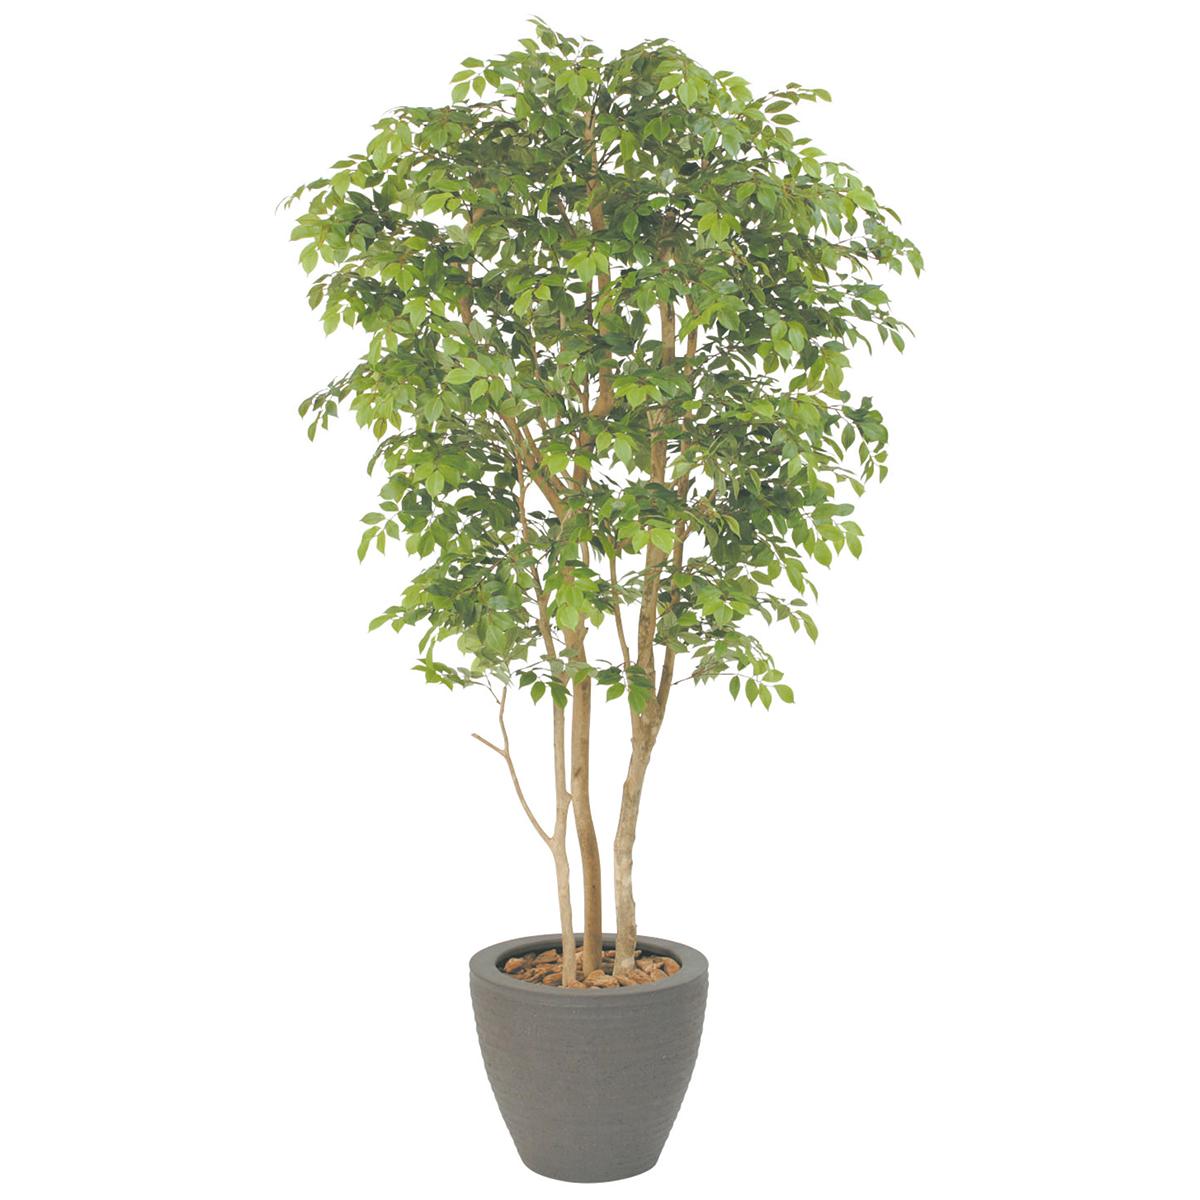 オフィスにグリーンを  シマトネリコ H1500mm HBKD-1-005  インテリアグリーン オフィスグリーン 観葉植物 フェイクグリーン